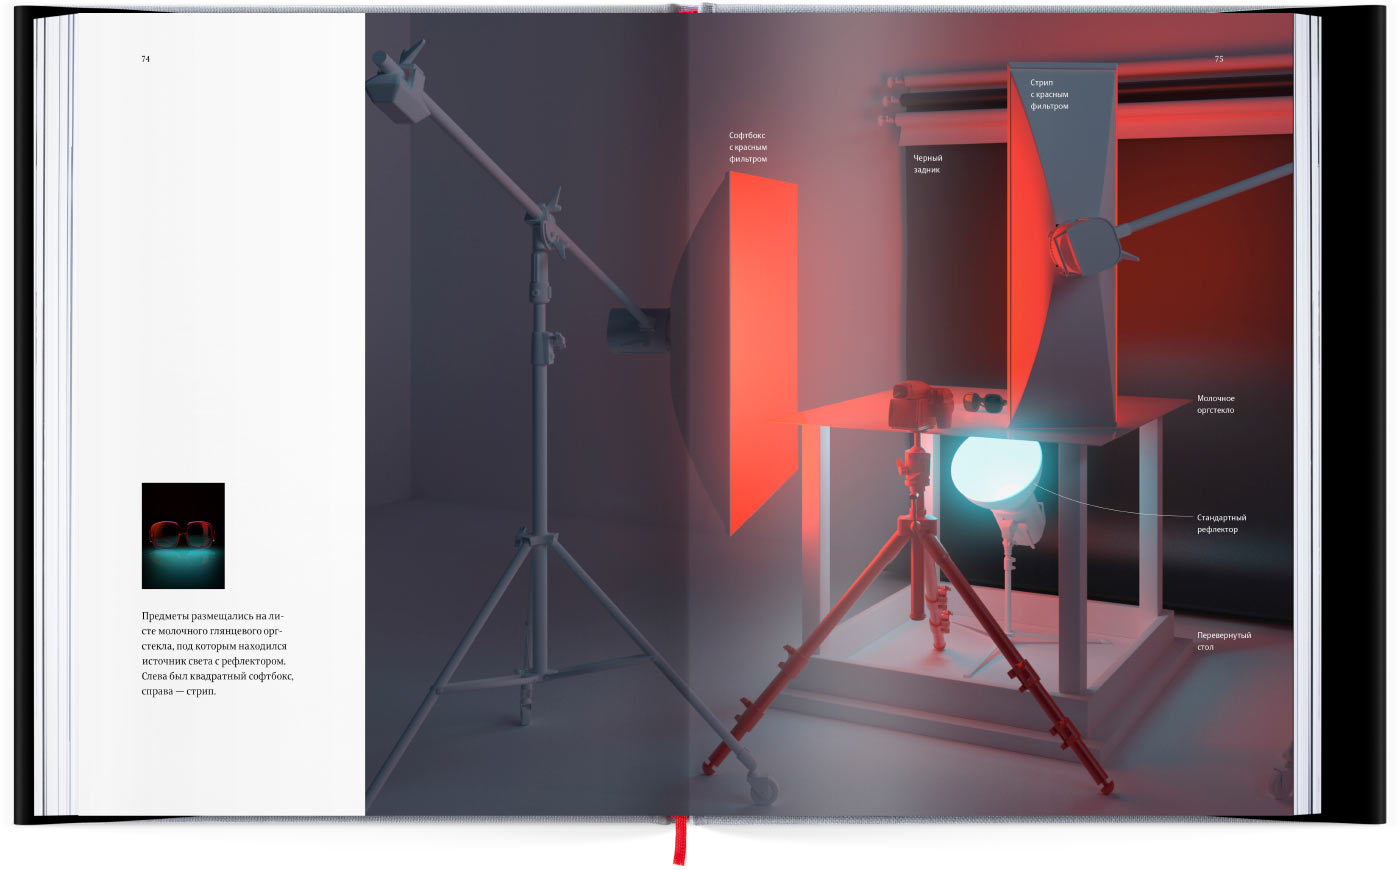 схемы освещения в предметной фотографии качестве ликбеза, если